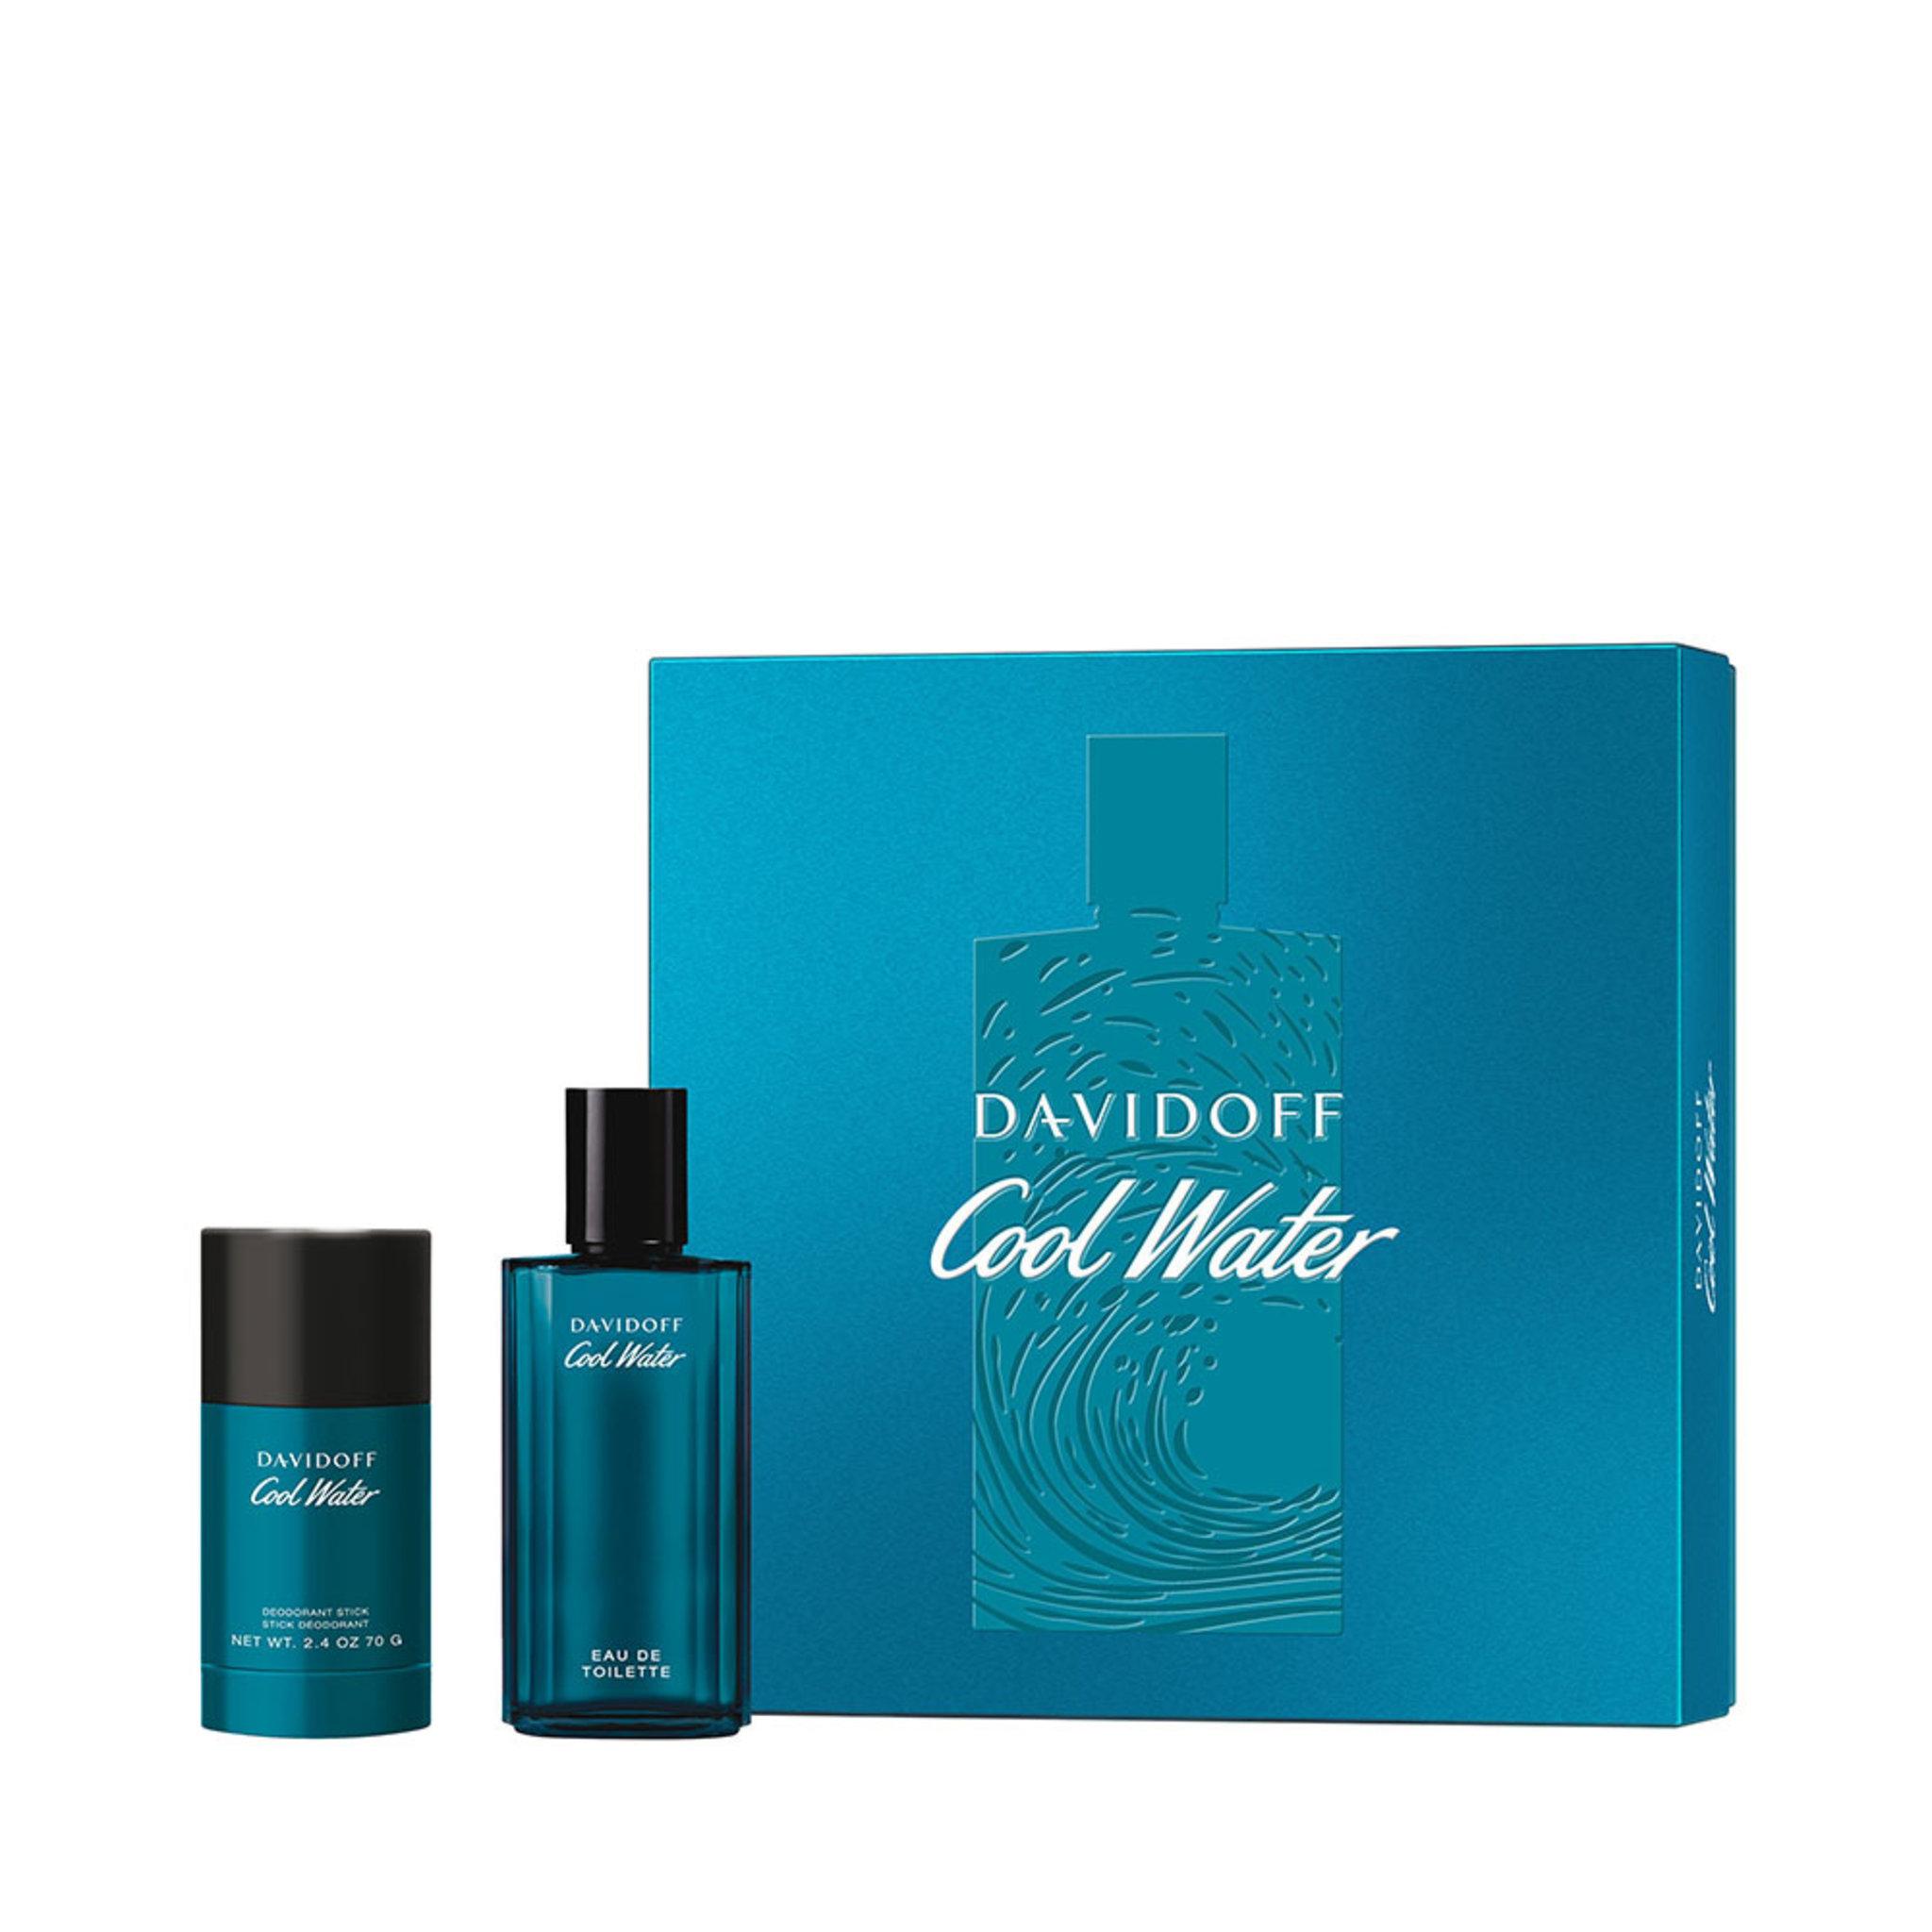 Köp Davidoff Cool Water Man Gift Set: EdT 125ml+Deo Stick